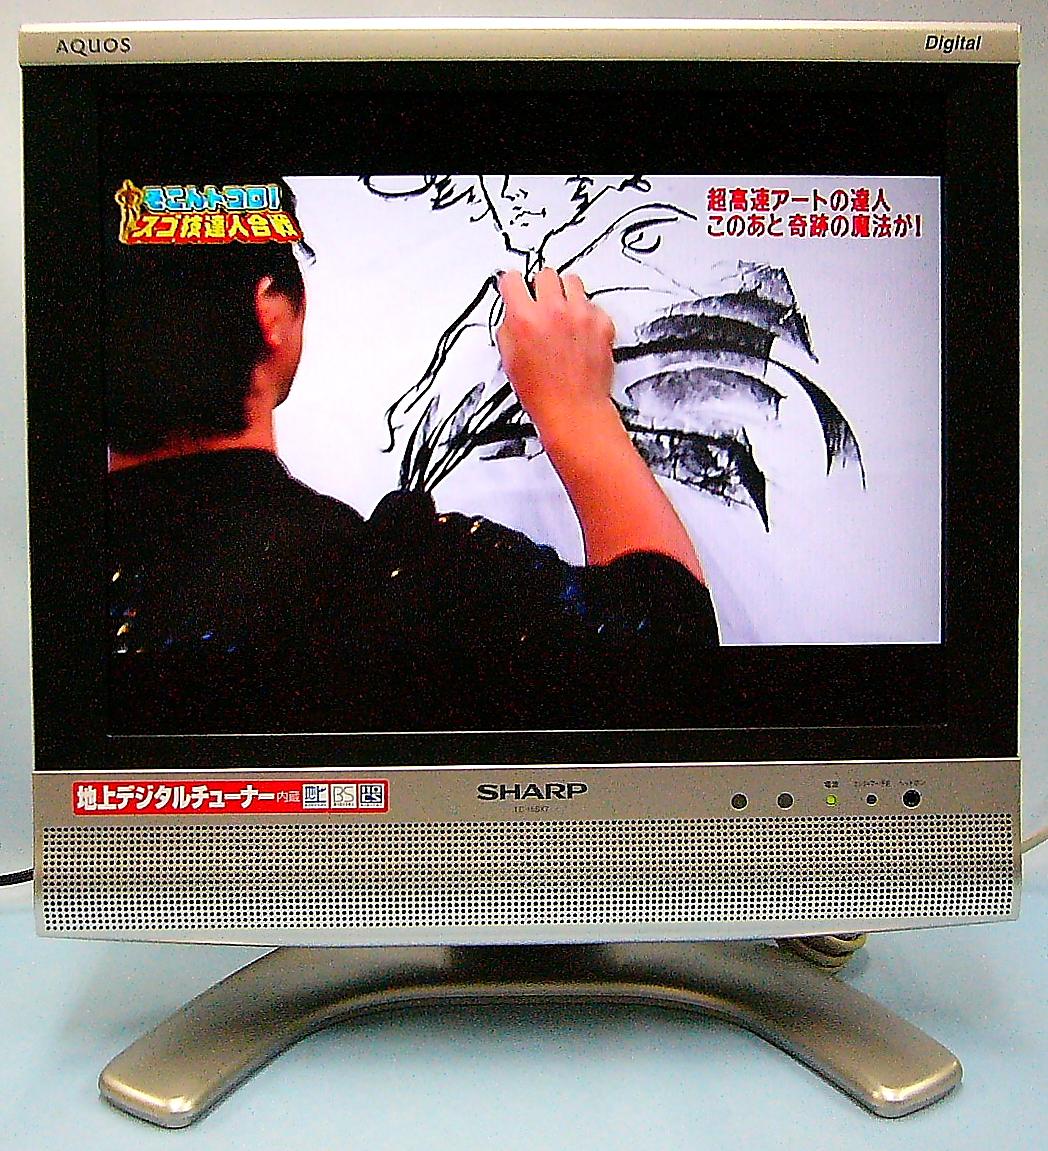 SHARP 液晶テレビ LC-15SX7